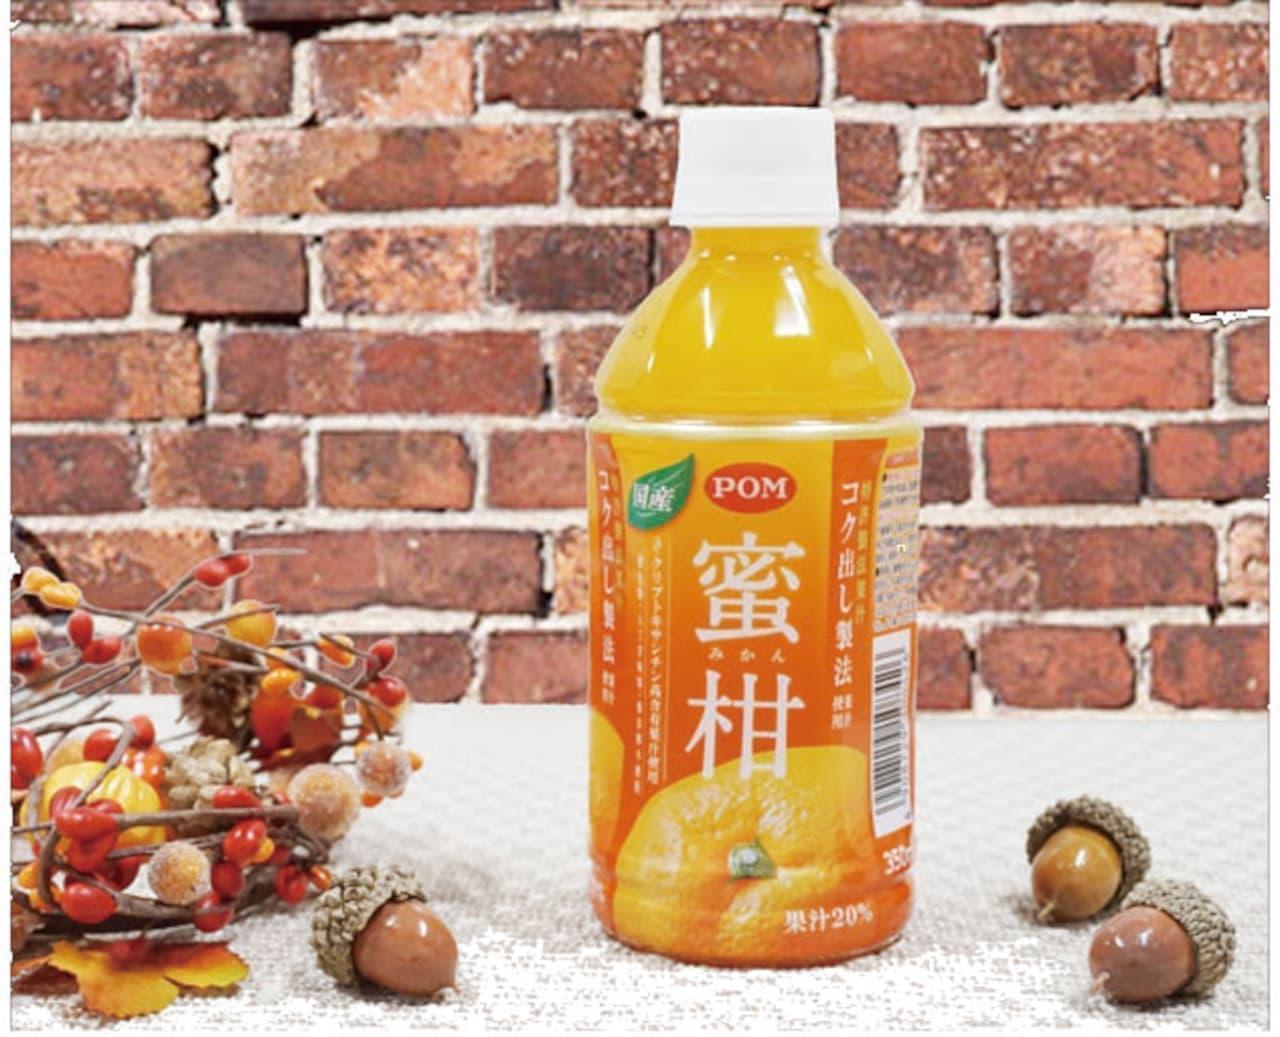 えひめ飲料「POM 蜜柑~コク出し製法果汁使用~」